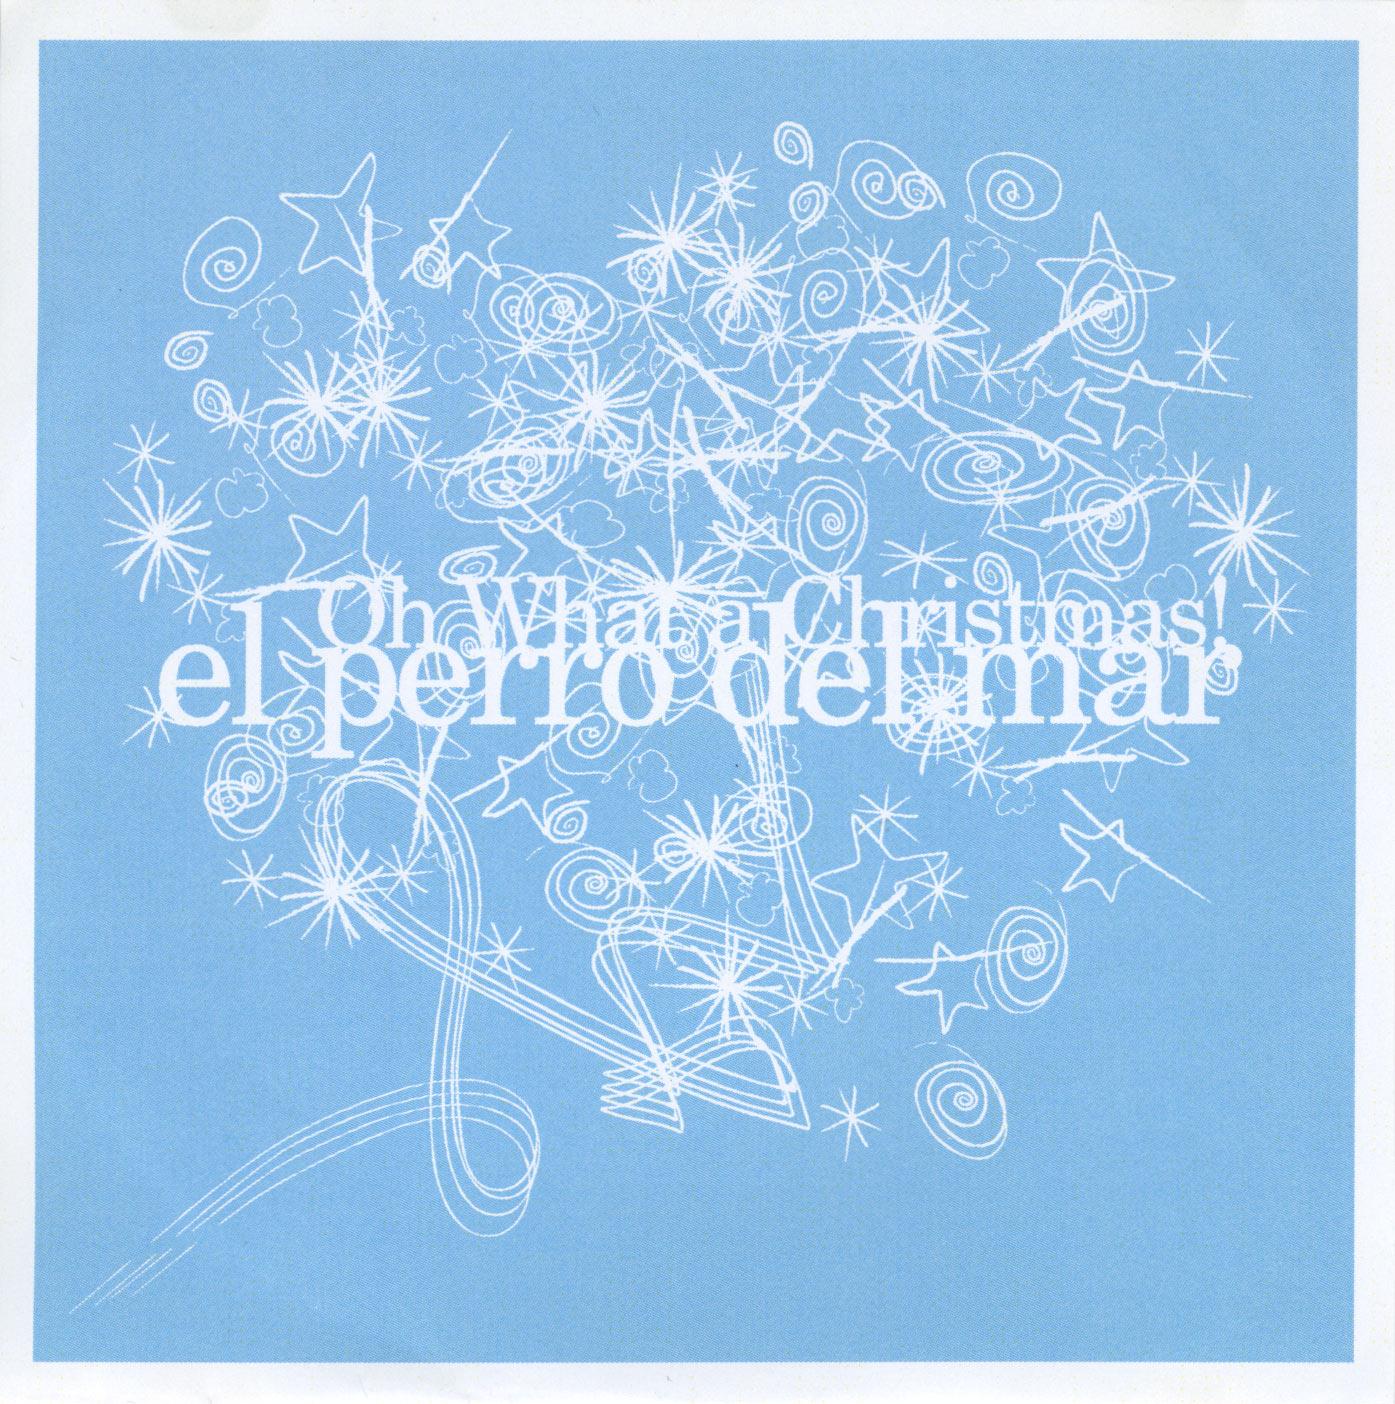 El Perro Del Mar - Oh What a Christmas